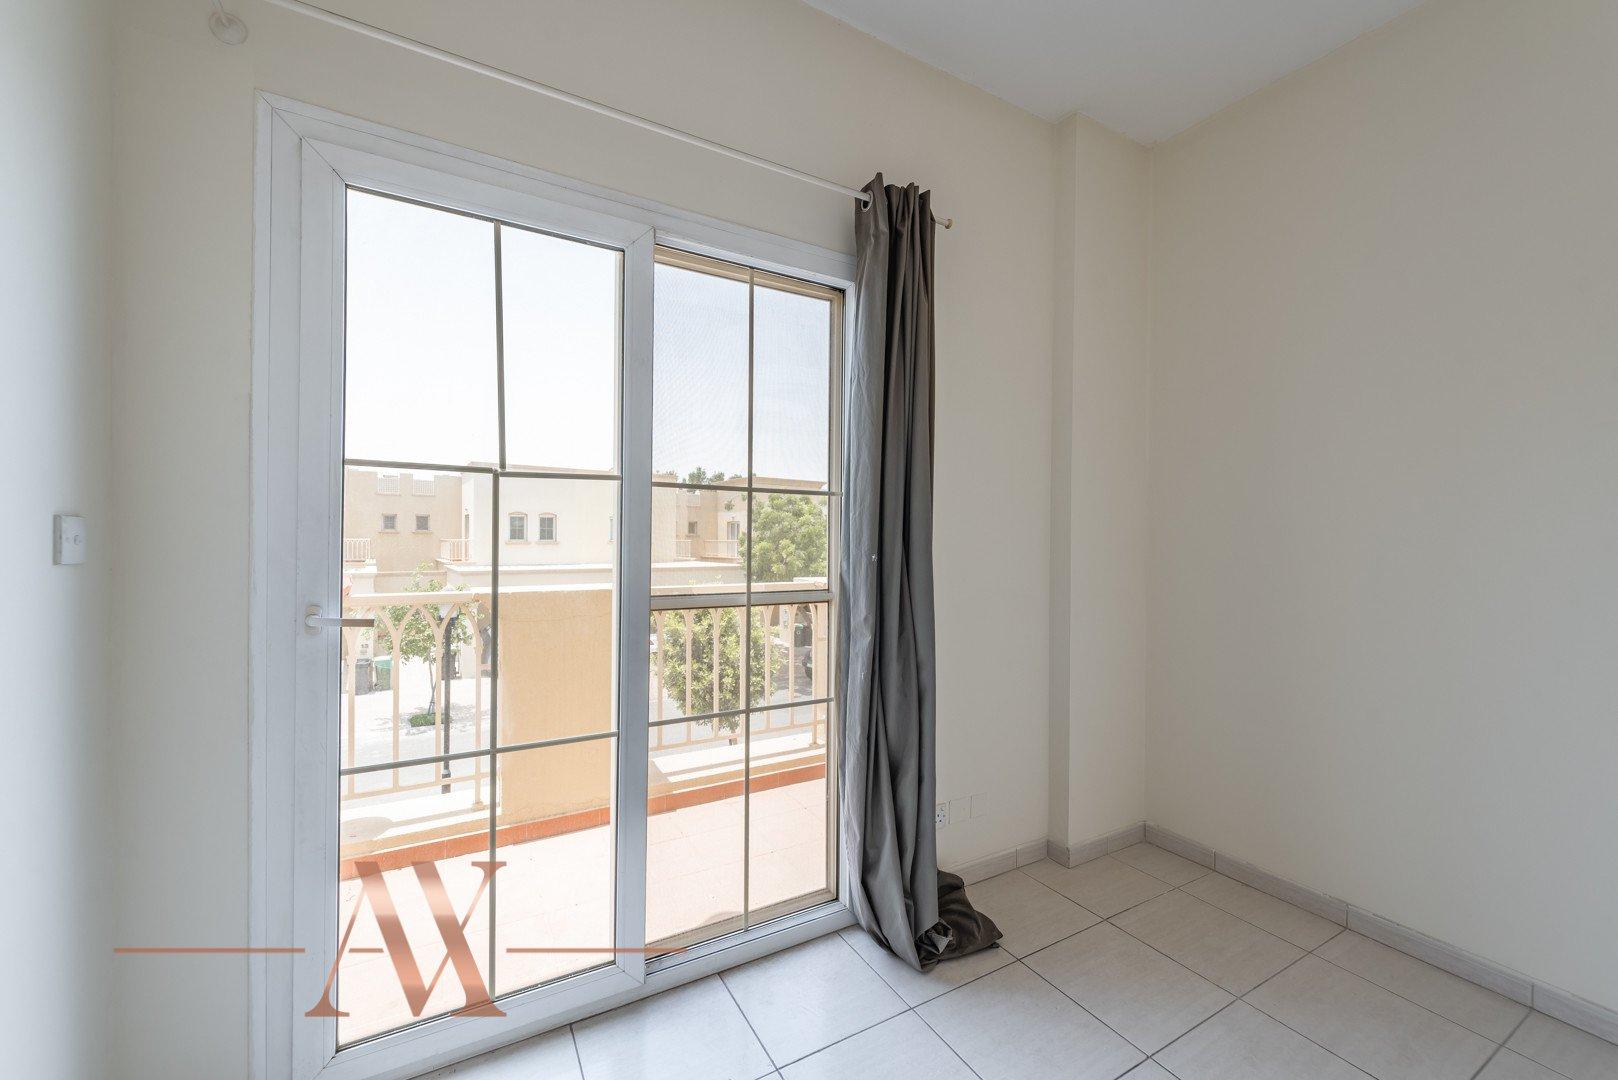 Villa for sale in Dubai, UAE, 3 bedrooms, 228.2 m2, No. 23770 – photo 8